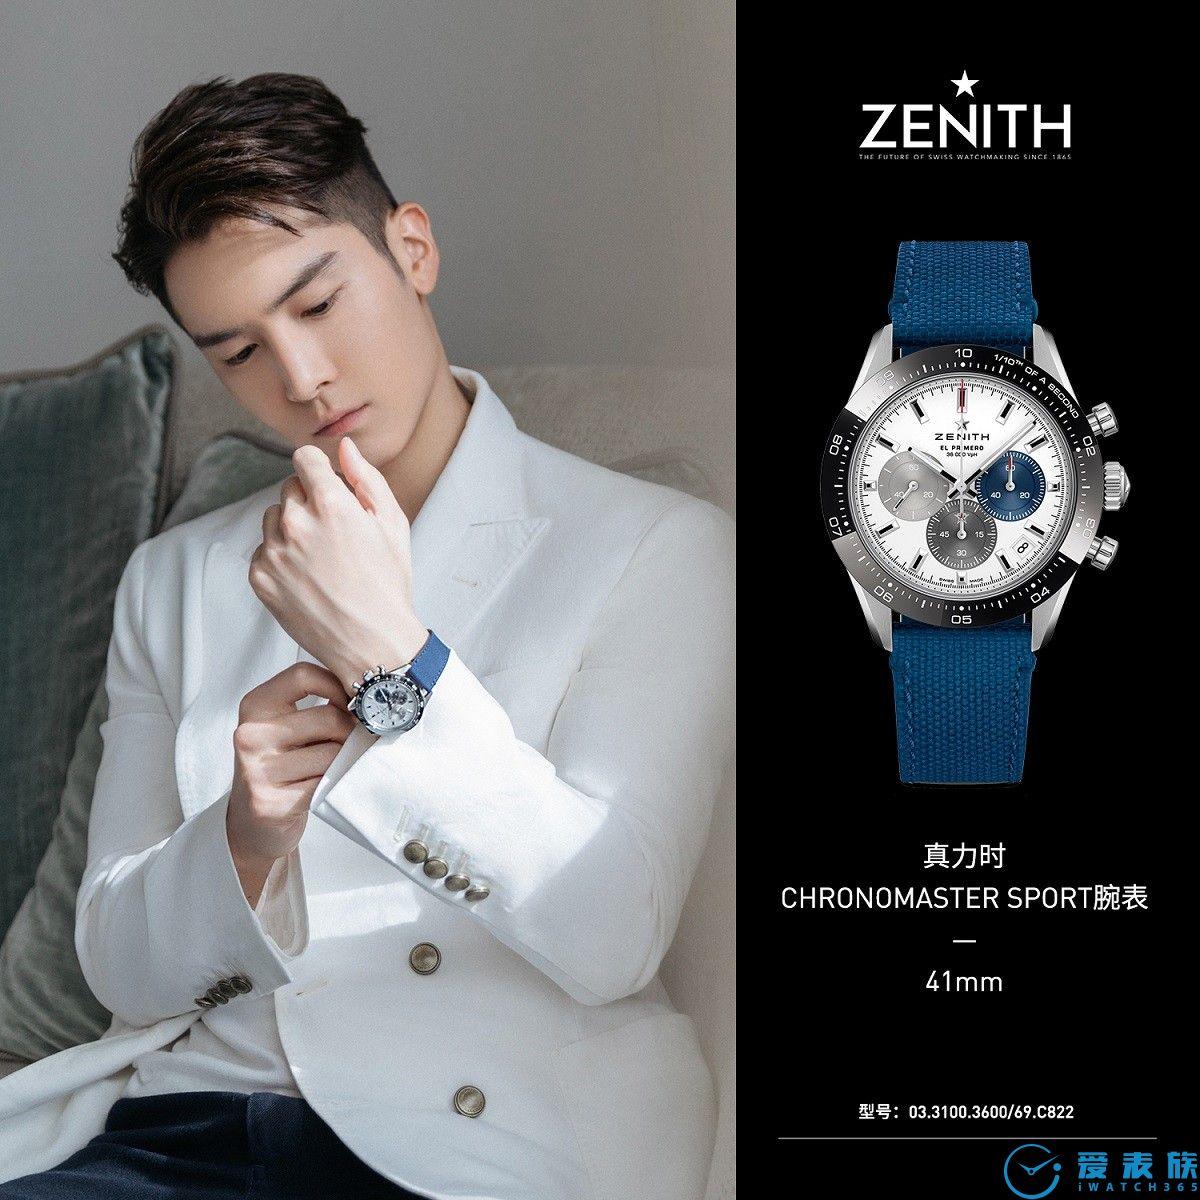 群星佩戴ZENITH 真力时CHRONOMASTER SPORT腕表  诠释缤纷魅力